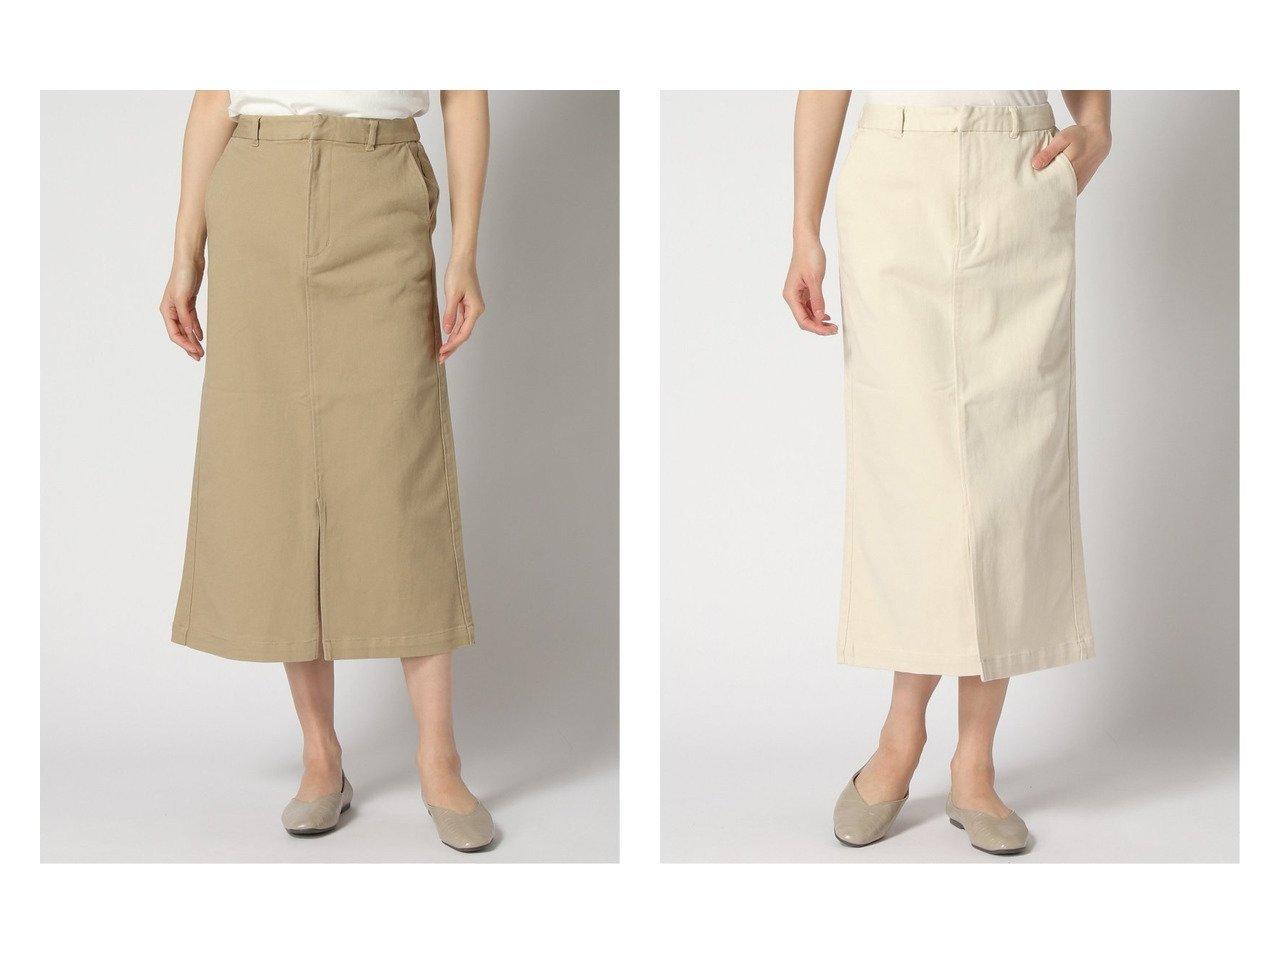 【LEPSIM LOWRYS FARM/レプシィム ローリーズファーム】のストレッチナロースカート 【プチプライス】おすすめ!人気トレンド・ファッション通販 おすすめで人気の流行・トレンド、ファッションの通販商品 メンズファッション・キッズファッション・インテリア・家具・レディースファッション・服の通販 founy(ファニー) https://founy.com/ ファッション Fashion レディースファッション WOMEN スカート Skirt ストレッチ スリット センター タイトスカート トレンド |ID:crp329100000037017